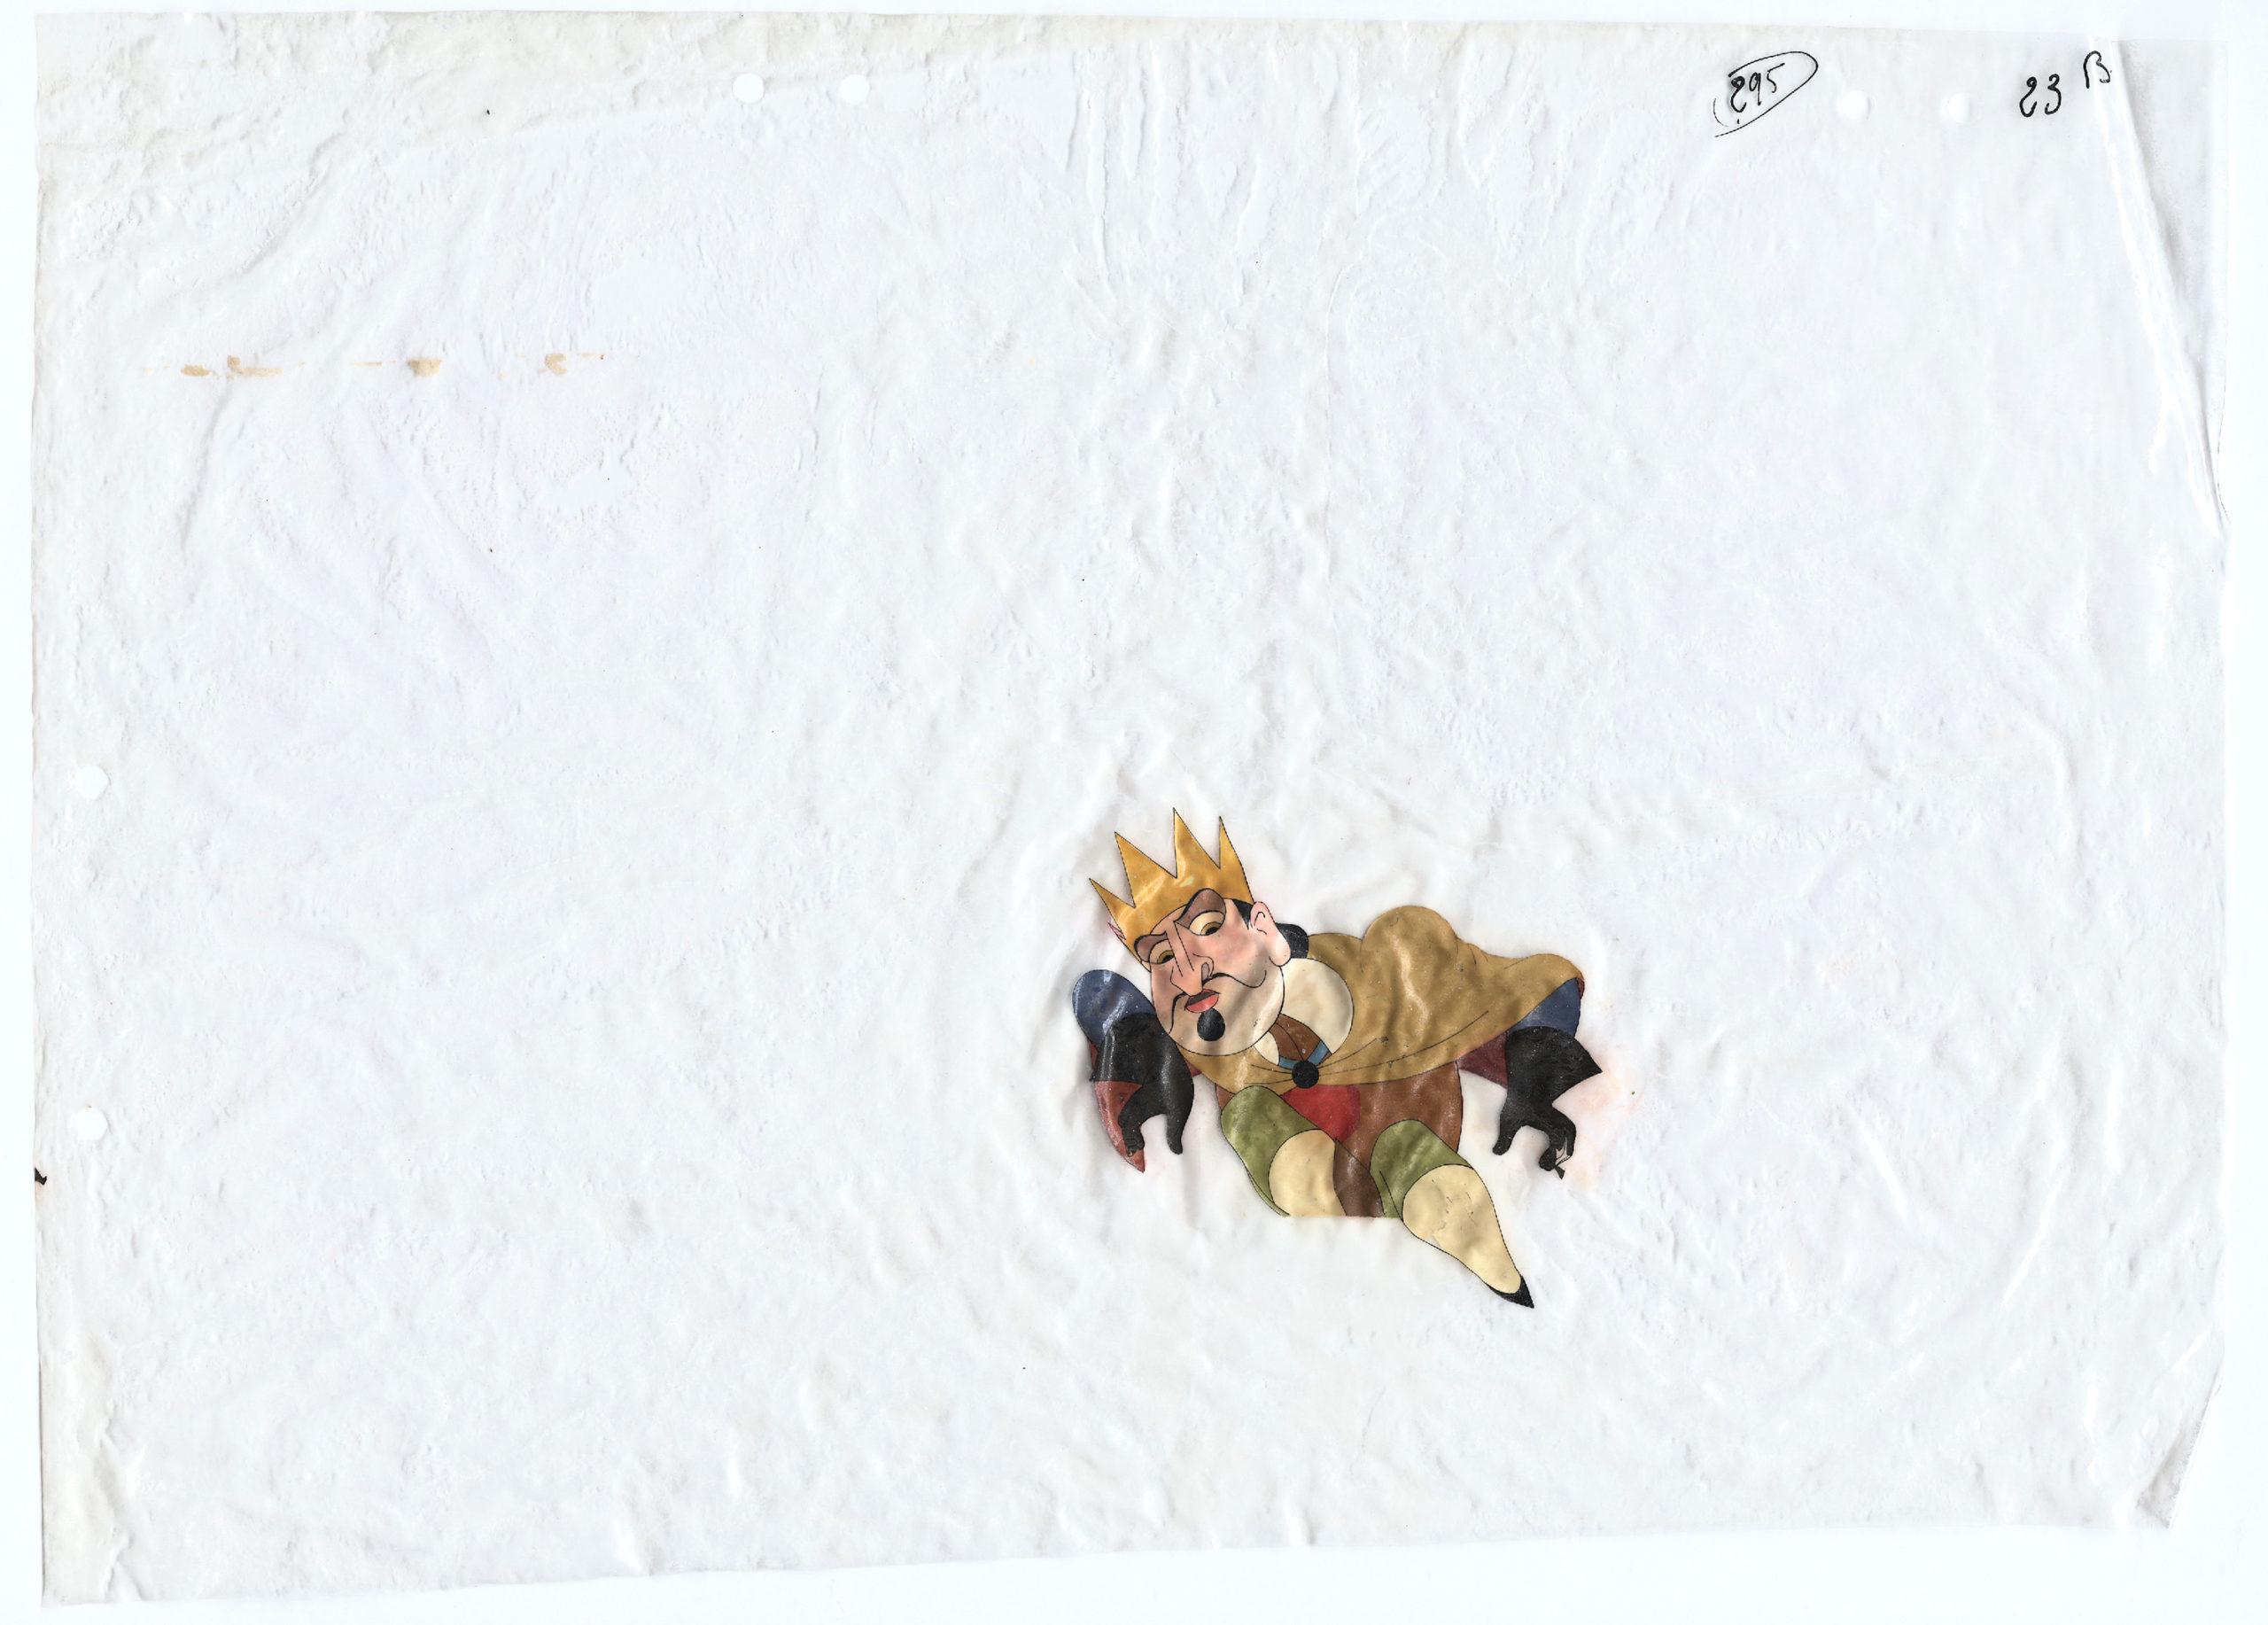 Paul Grimault, La Bergère et le Ramoneur, 1948, celluloïd d'animation, Collection La Cinémathèque française © Succession Paul Grimault